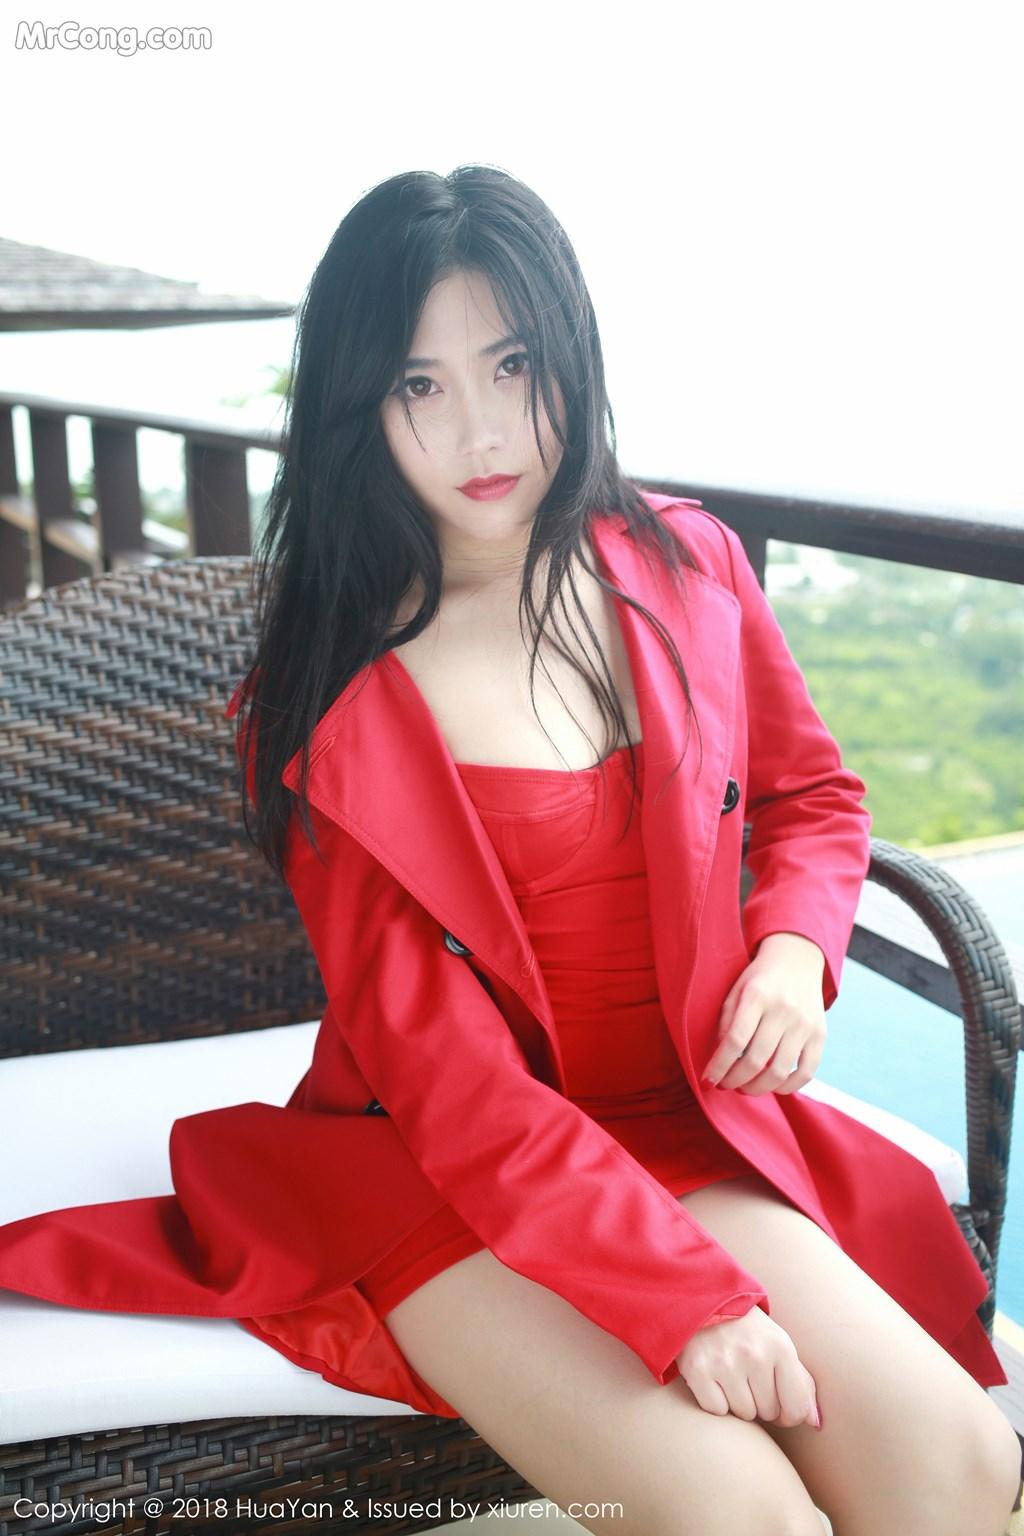 Image HuaYan-Vol.056-Sabrina-Xu-Nuo-MrCong.com-005 in post HuaYan Vol.056: Người mẫu Sabrina (许诺) (35 ảnh)